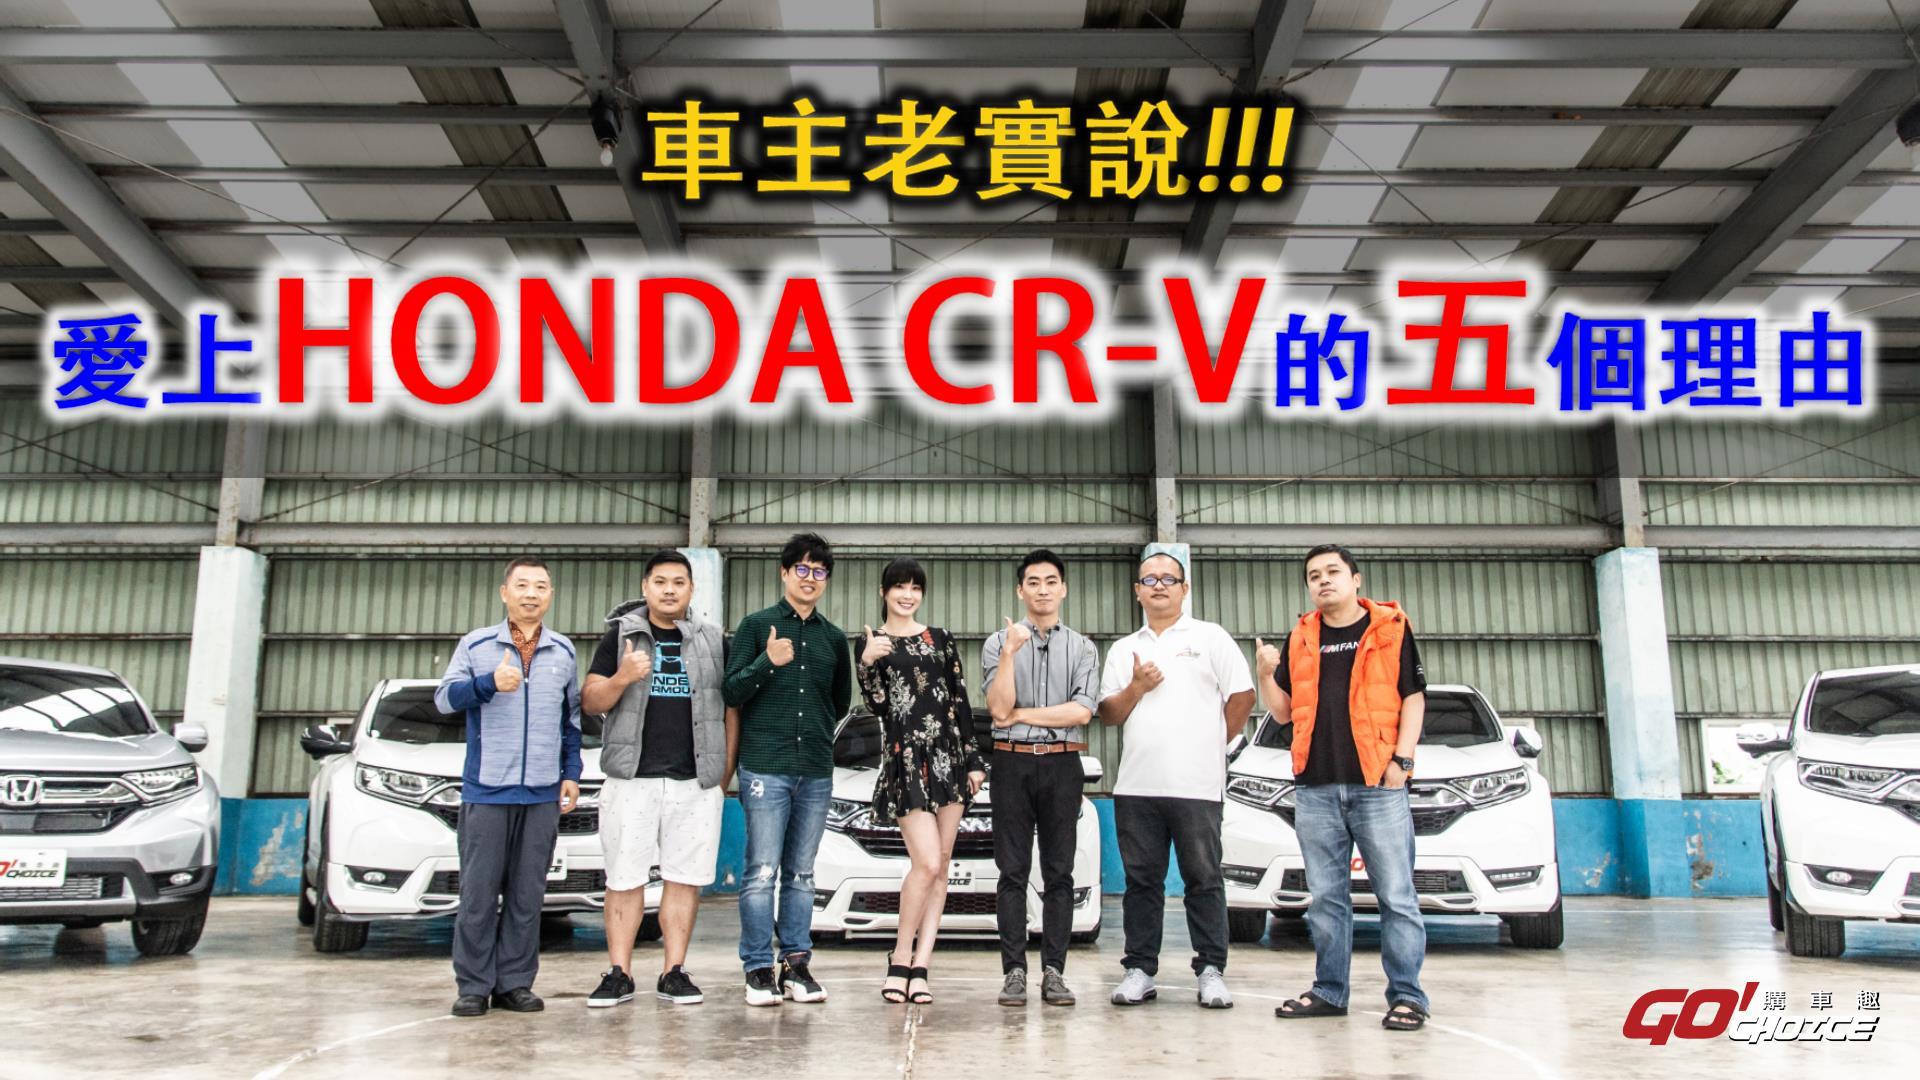 [購車趣特別企劃]HONDA CR-V 之車主老實說